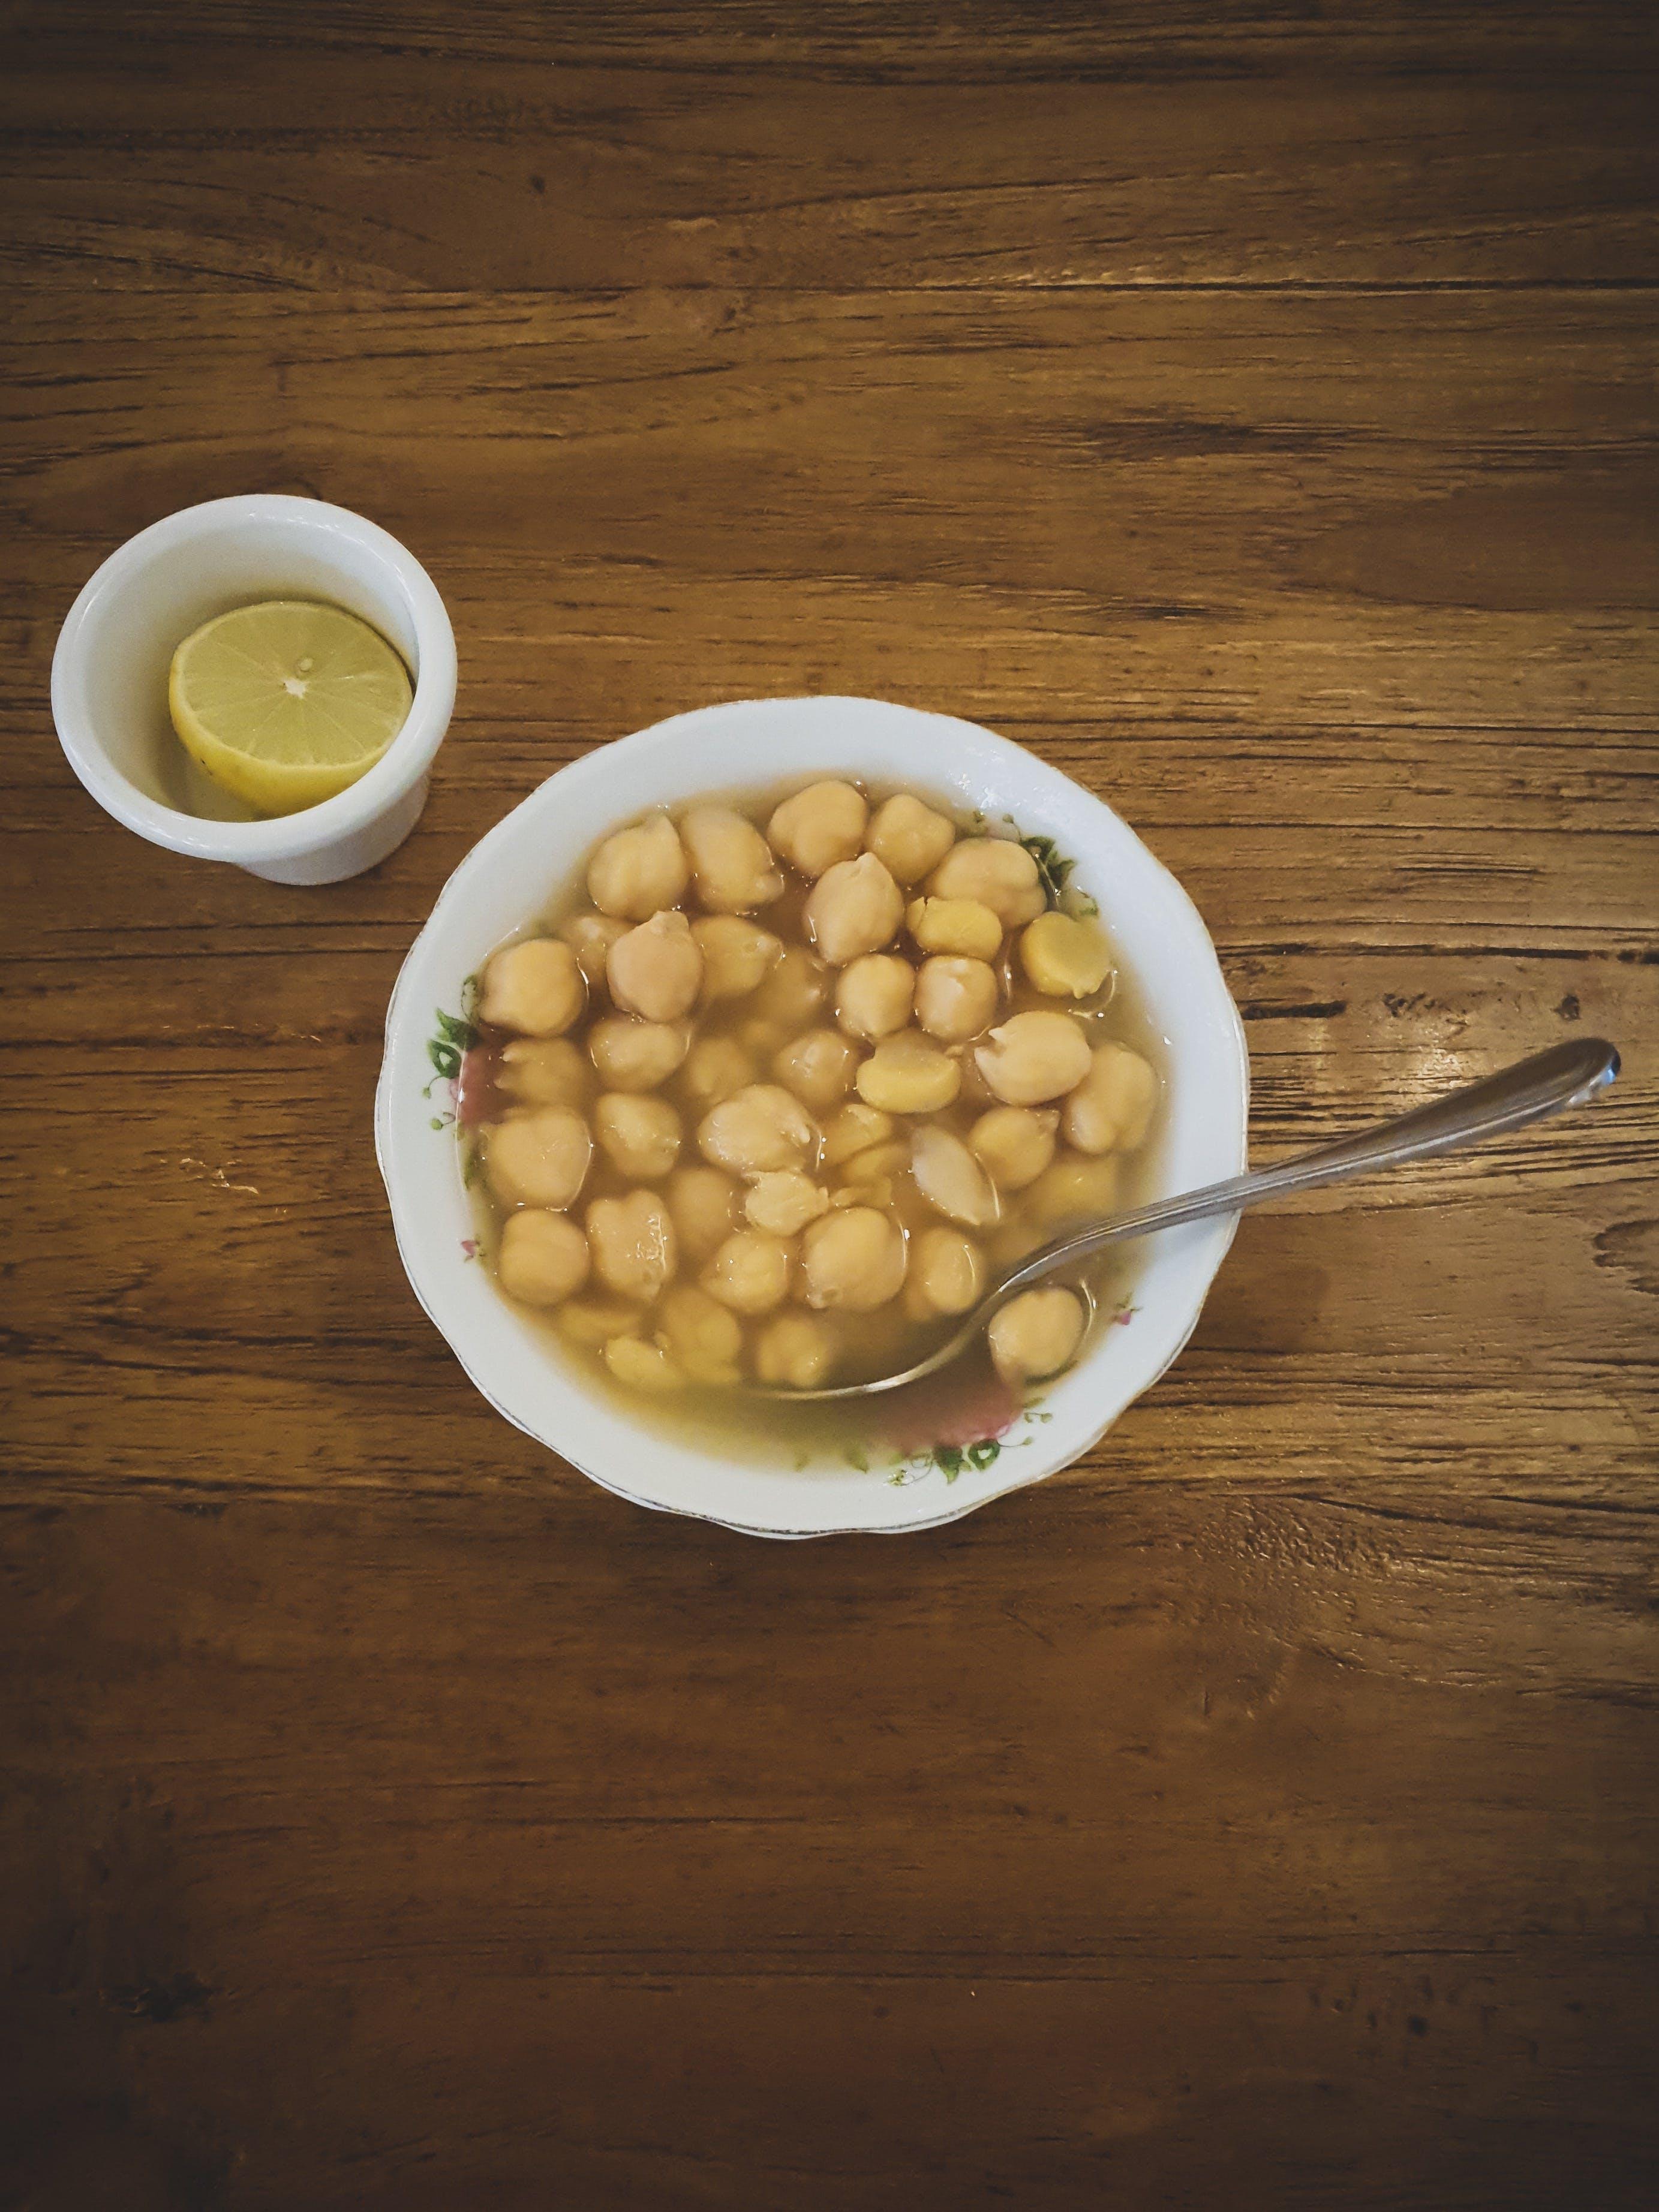 Gratis stockfoto met Arabisch, arabische gerechten, levensmiddelen, sympathieën